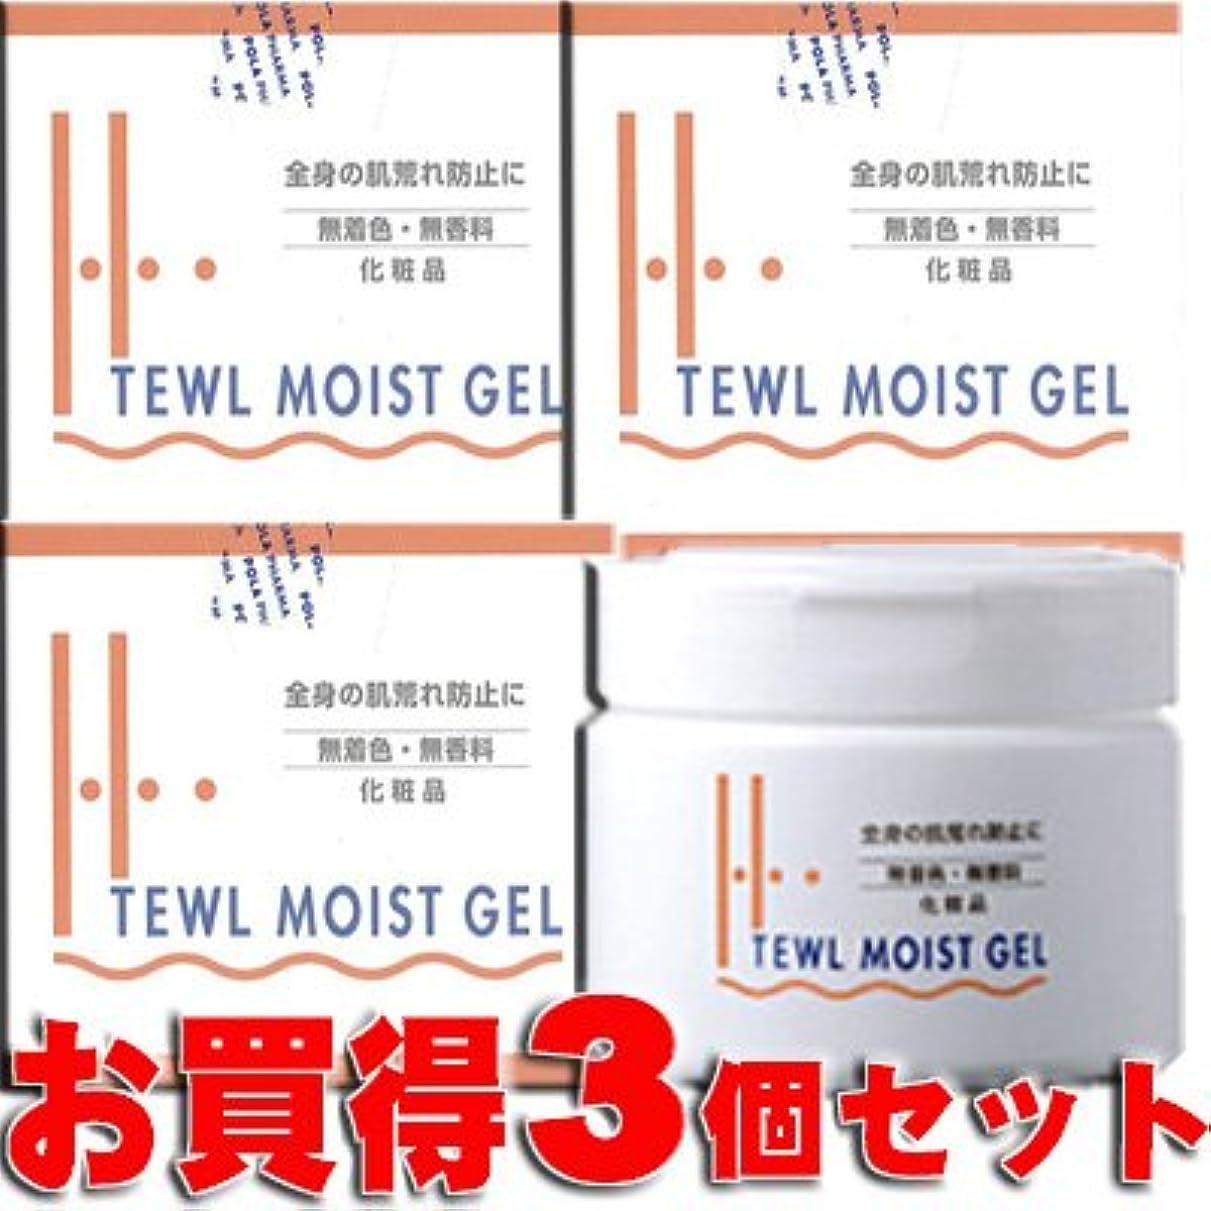 フィドル発表する一次★お買得3個★ ハイテウル モイストジェル 300gx3個 (ポーラファルマ)エタノールや界面活性剤に敏感な方へおすすめするゲルクリームです。